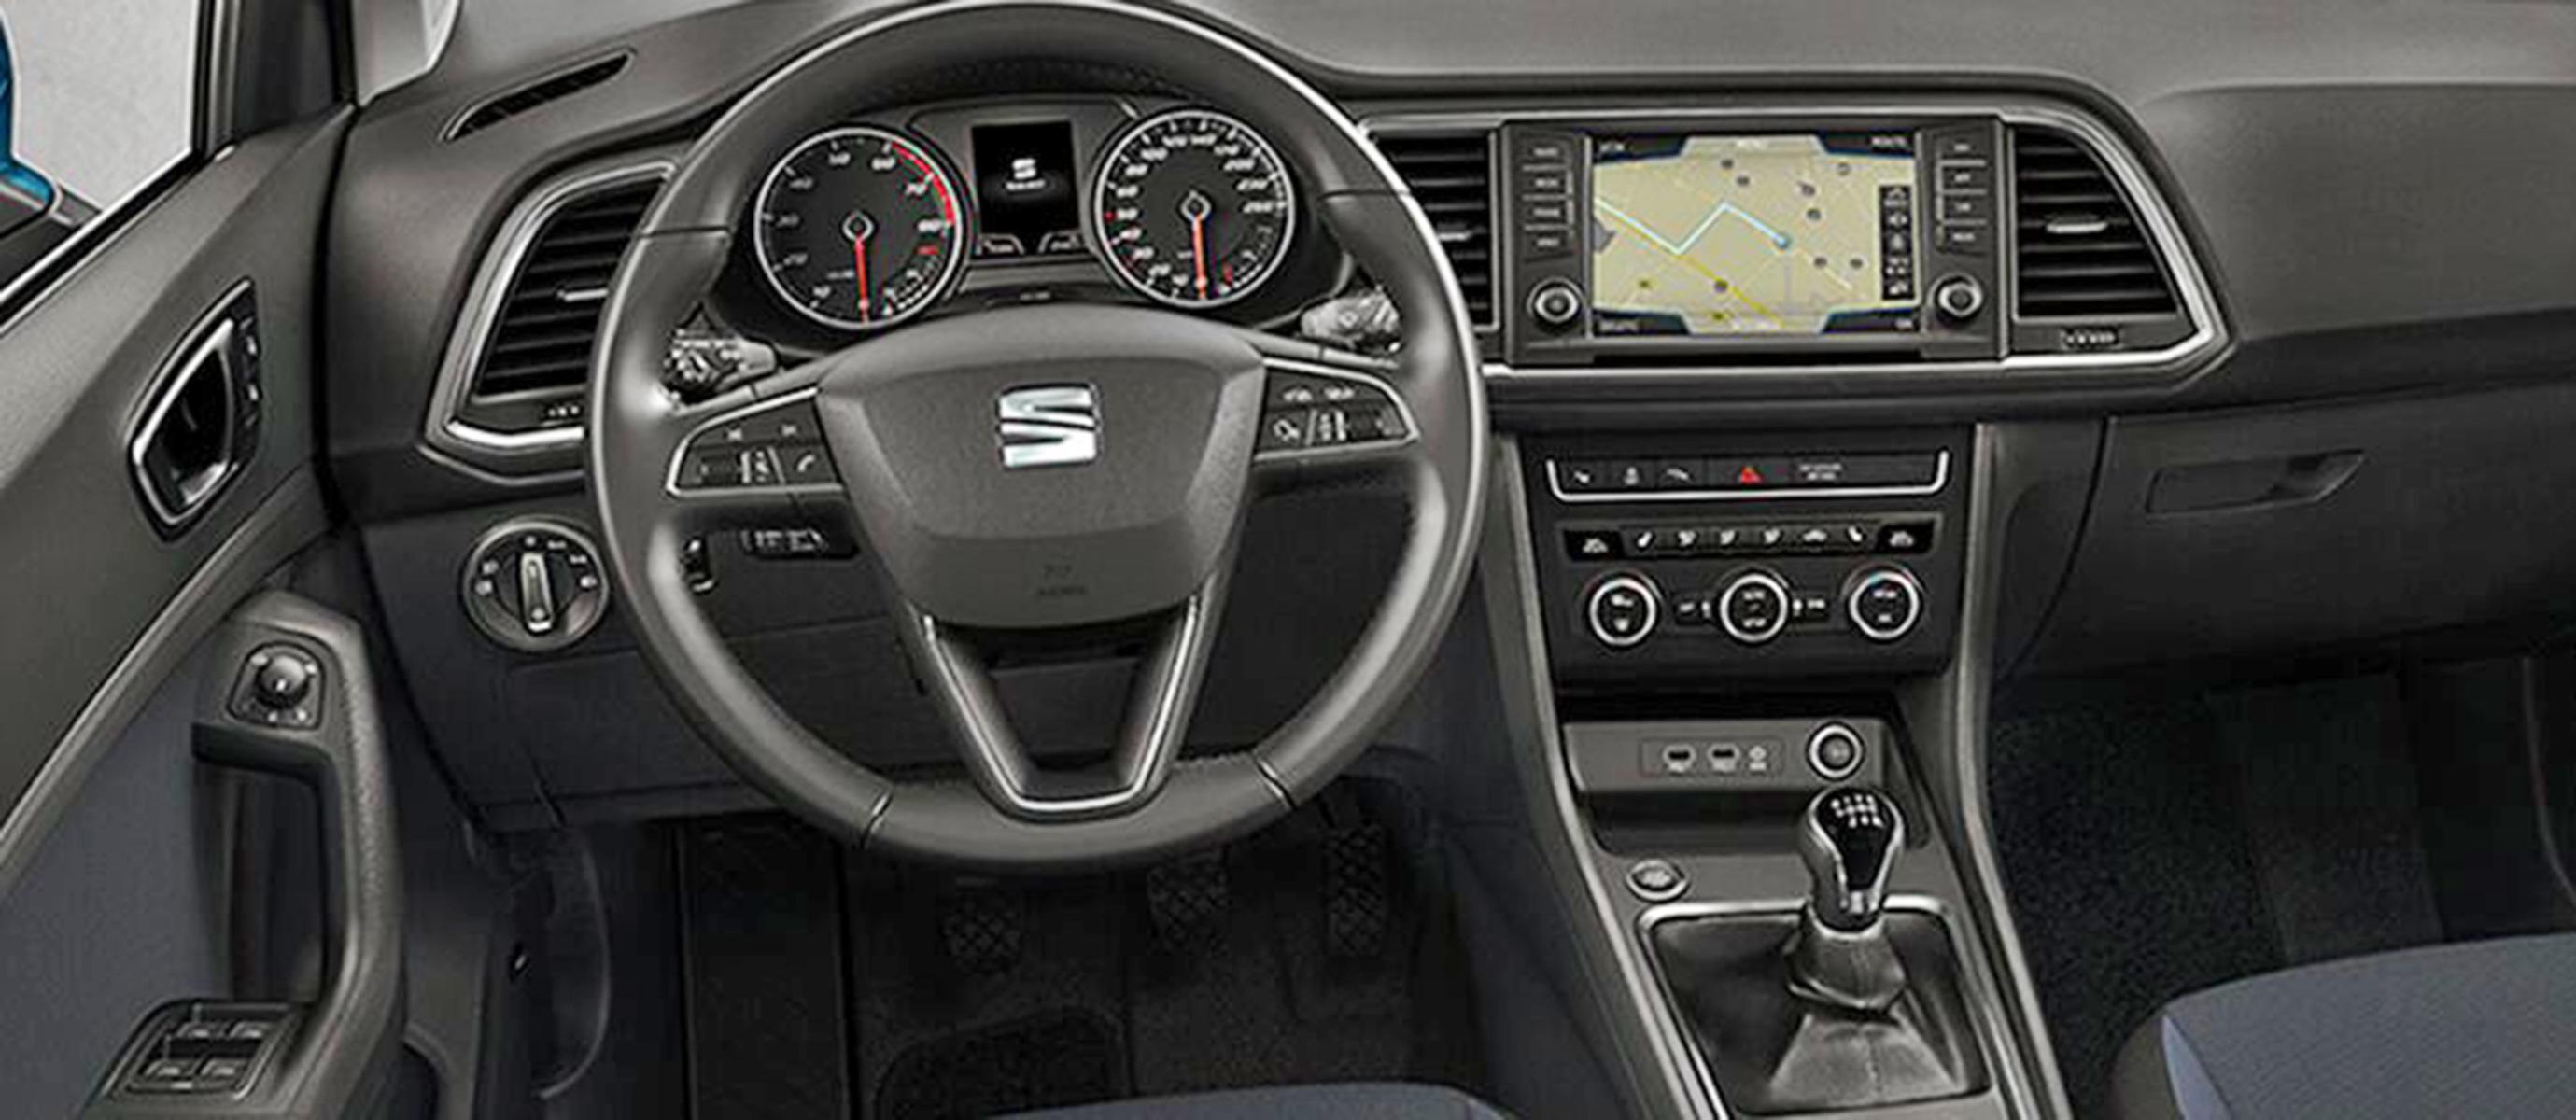 Listino Seat Ateca Prezzo Scheda Tecnica Consumi